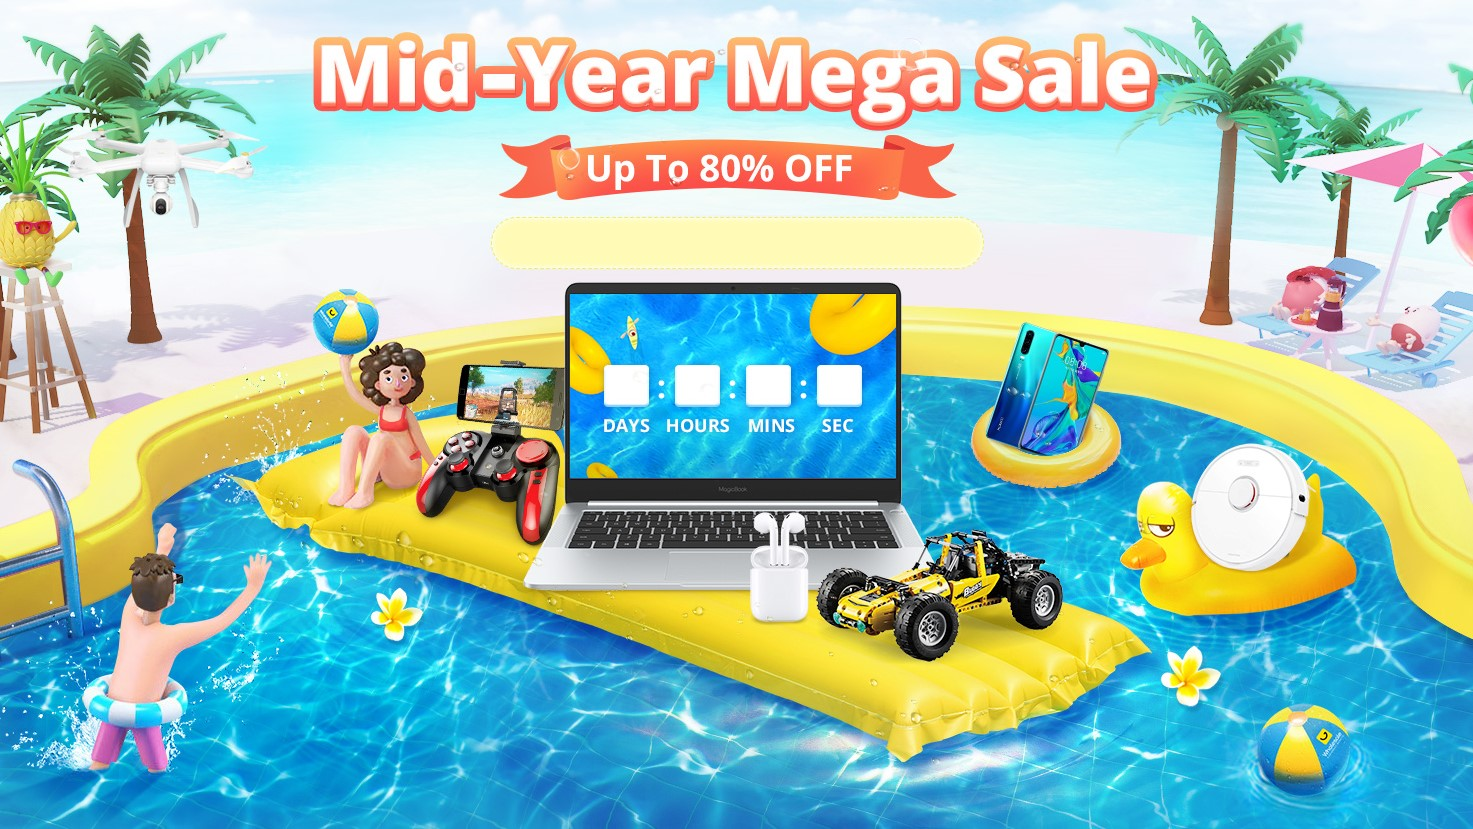 Mid-Year Mega Sale